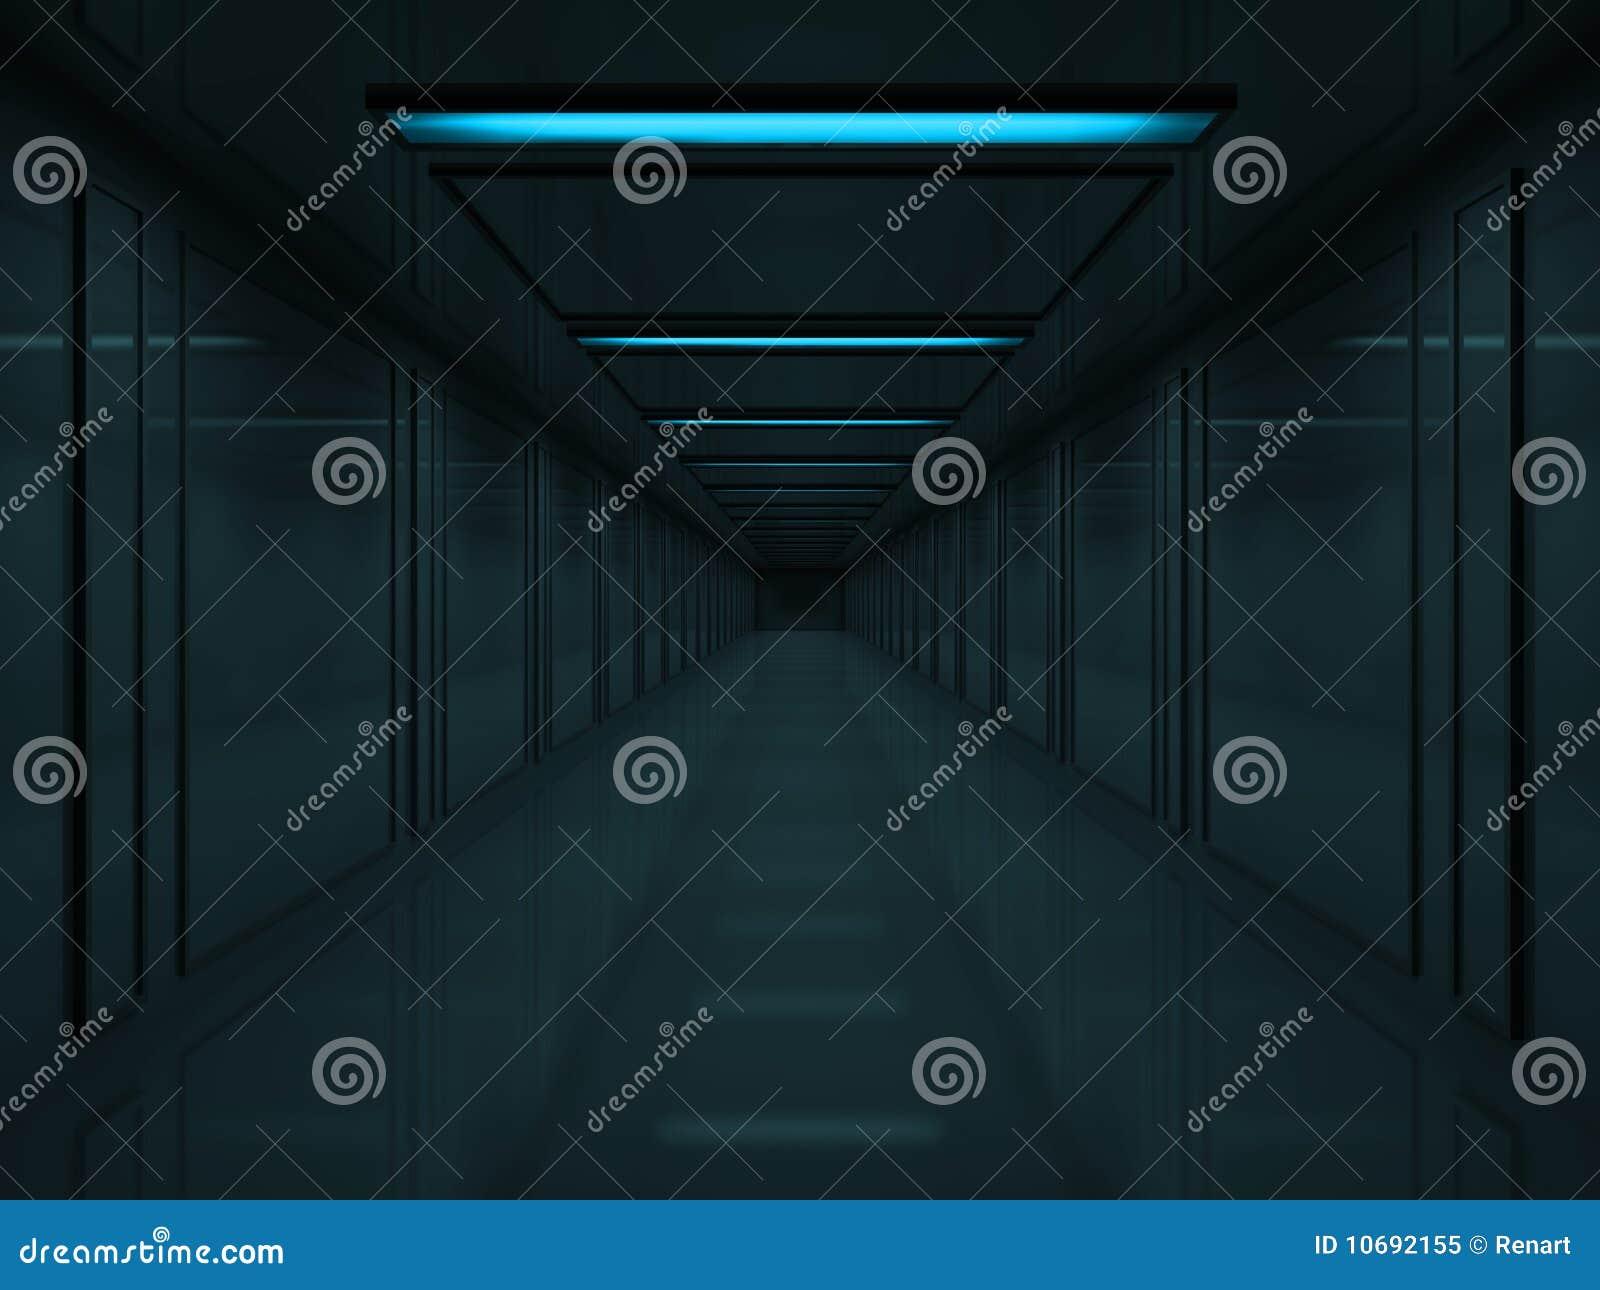 Corridoio Scuro 3d Con Le Lampade Blu Sul Soffitto ...